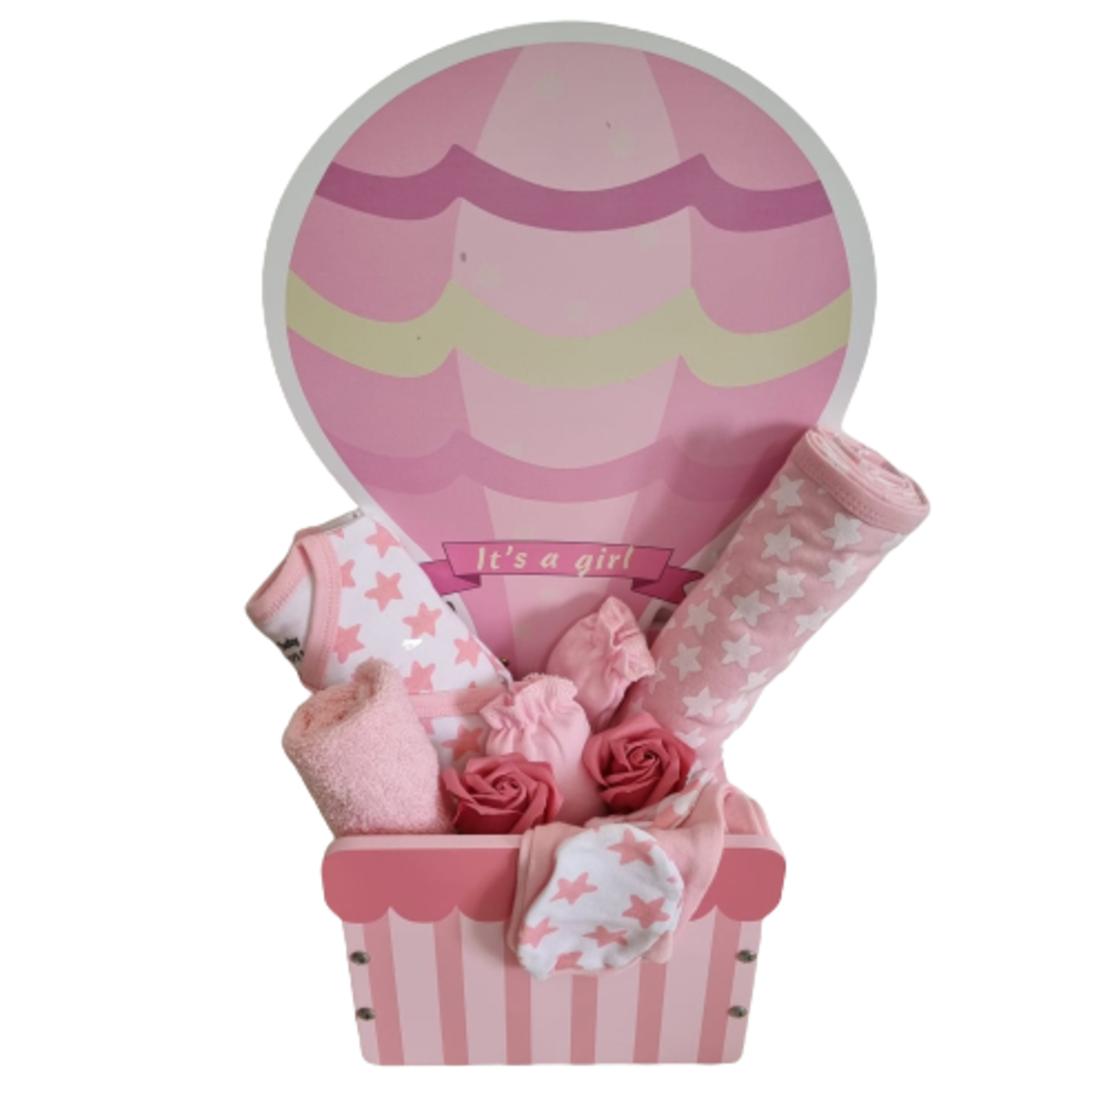 מתנה להולדת הבת - כדור פורח מעץ